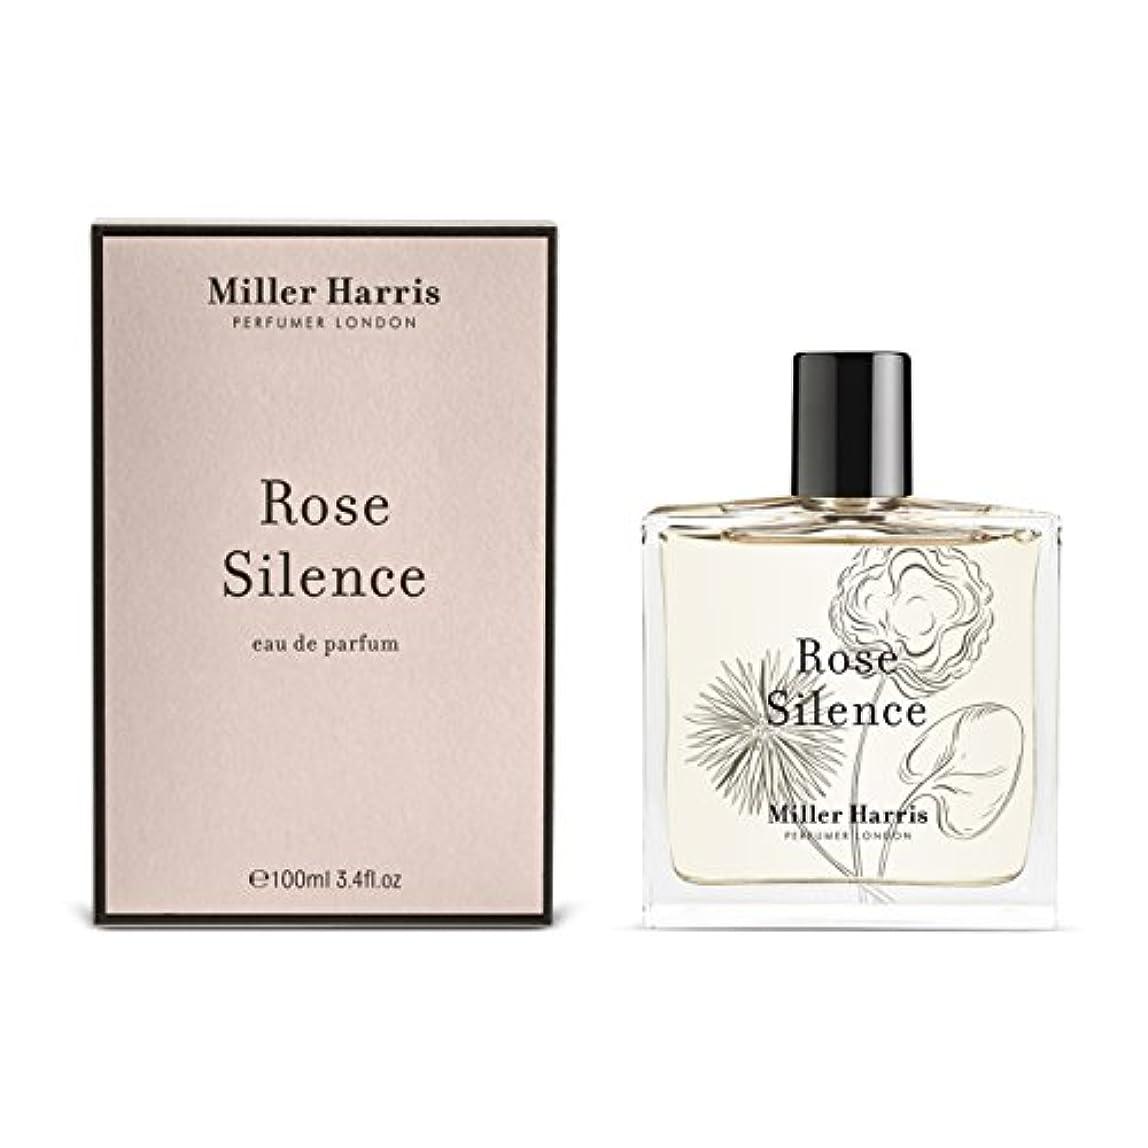 劇的お客様ピストルミラーハリス Rose Silence Eau Parfum Spray 100ml/3.4oz並行輸入品